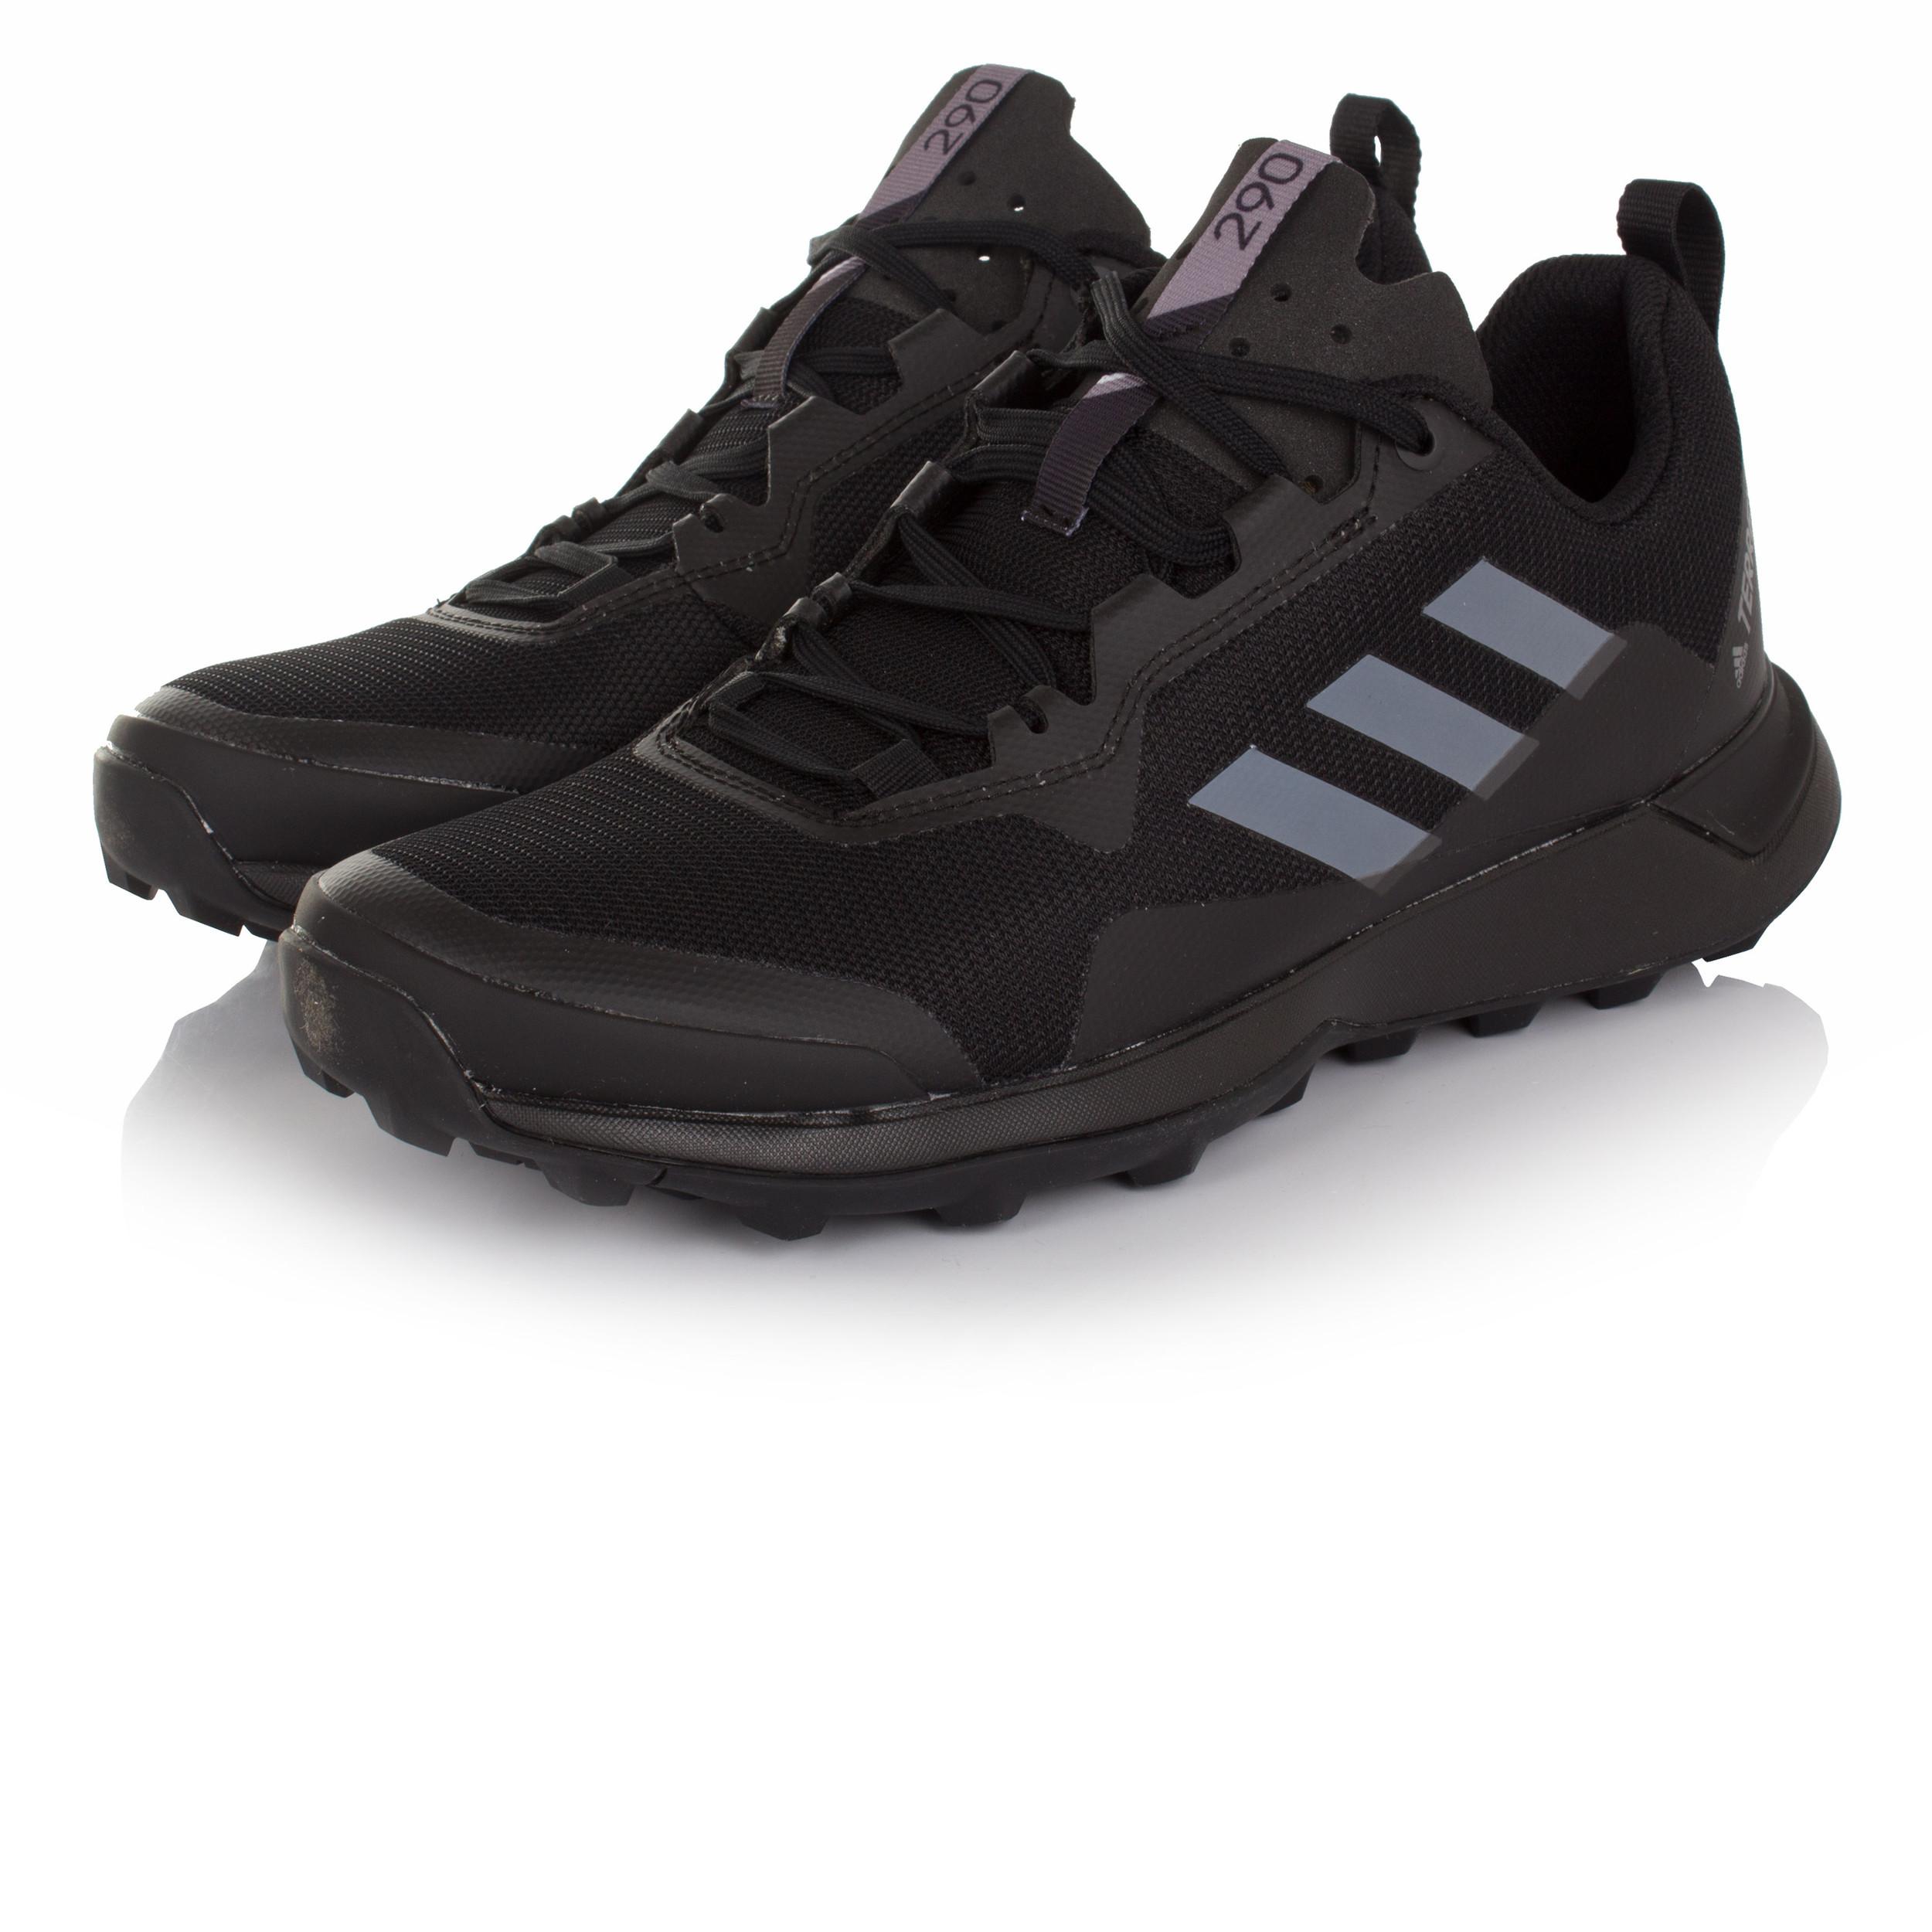 59c02fc1df5 Adidas Hombre Negro Terrex CMTK Correr Zapatillas Deportivas Zapatos Calzado